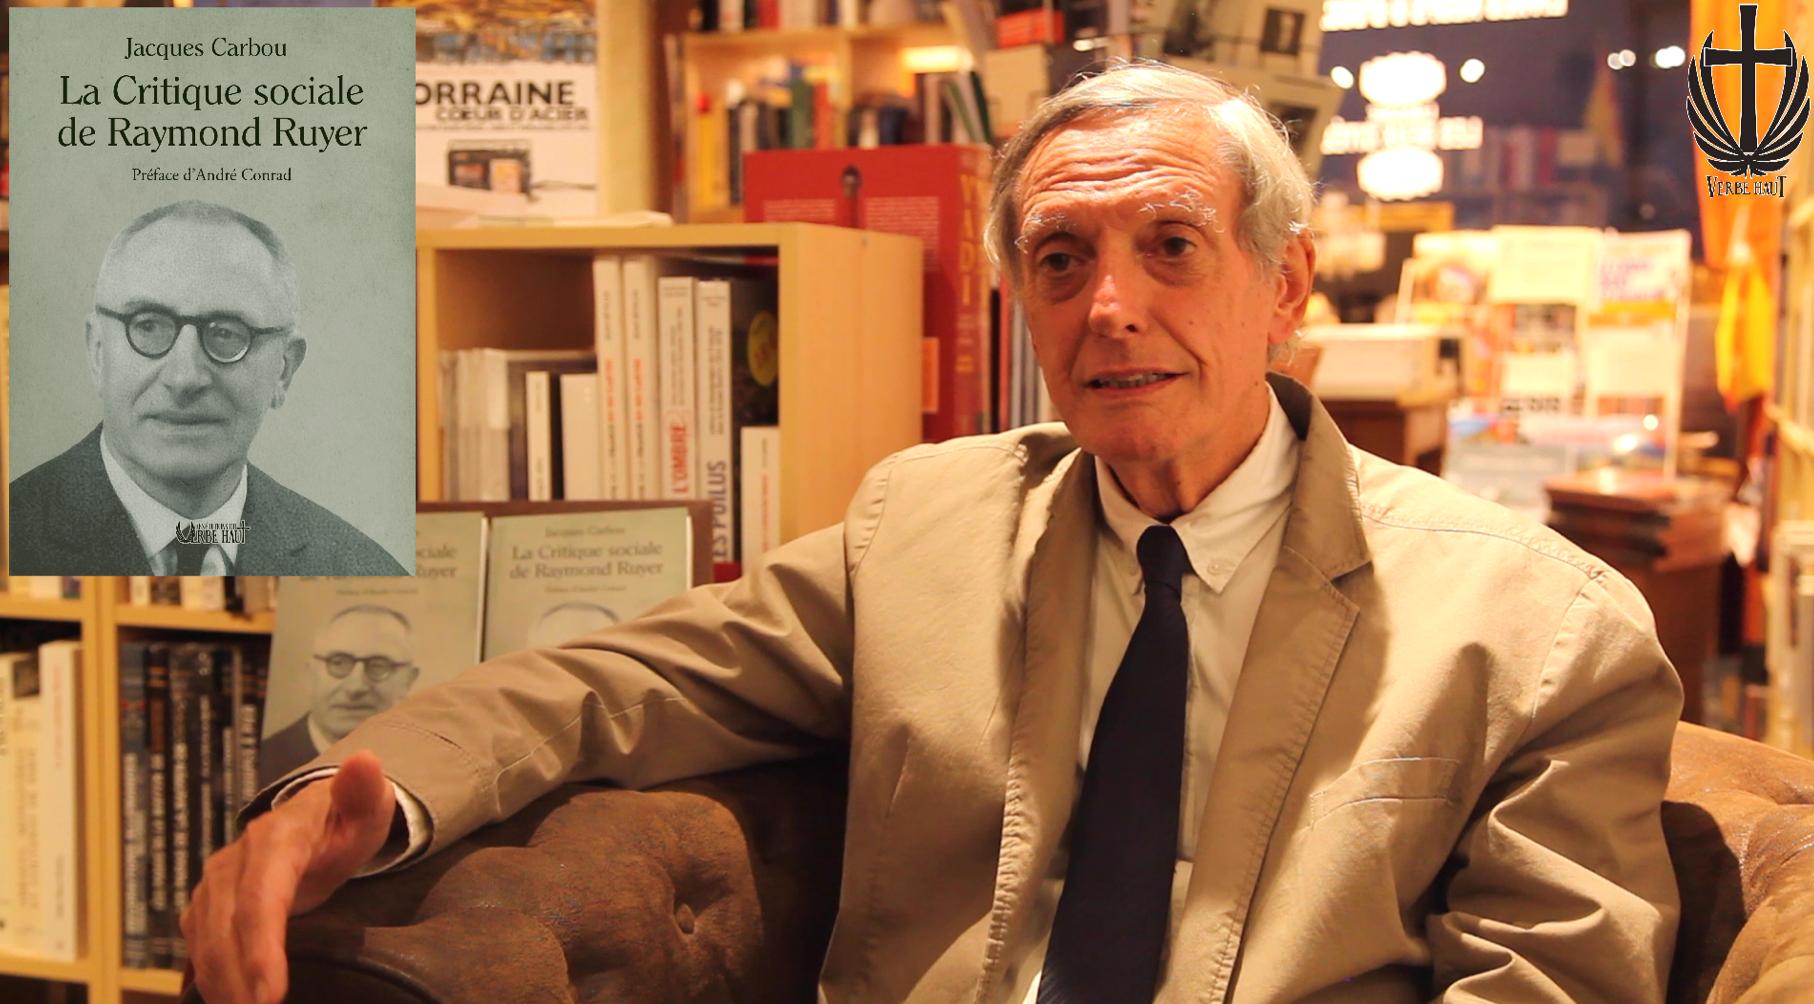 Jacques Carbou parle de son livre